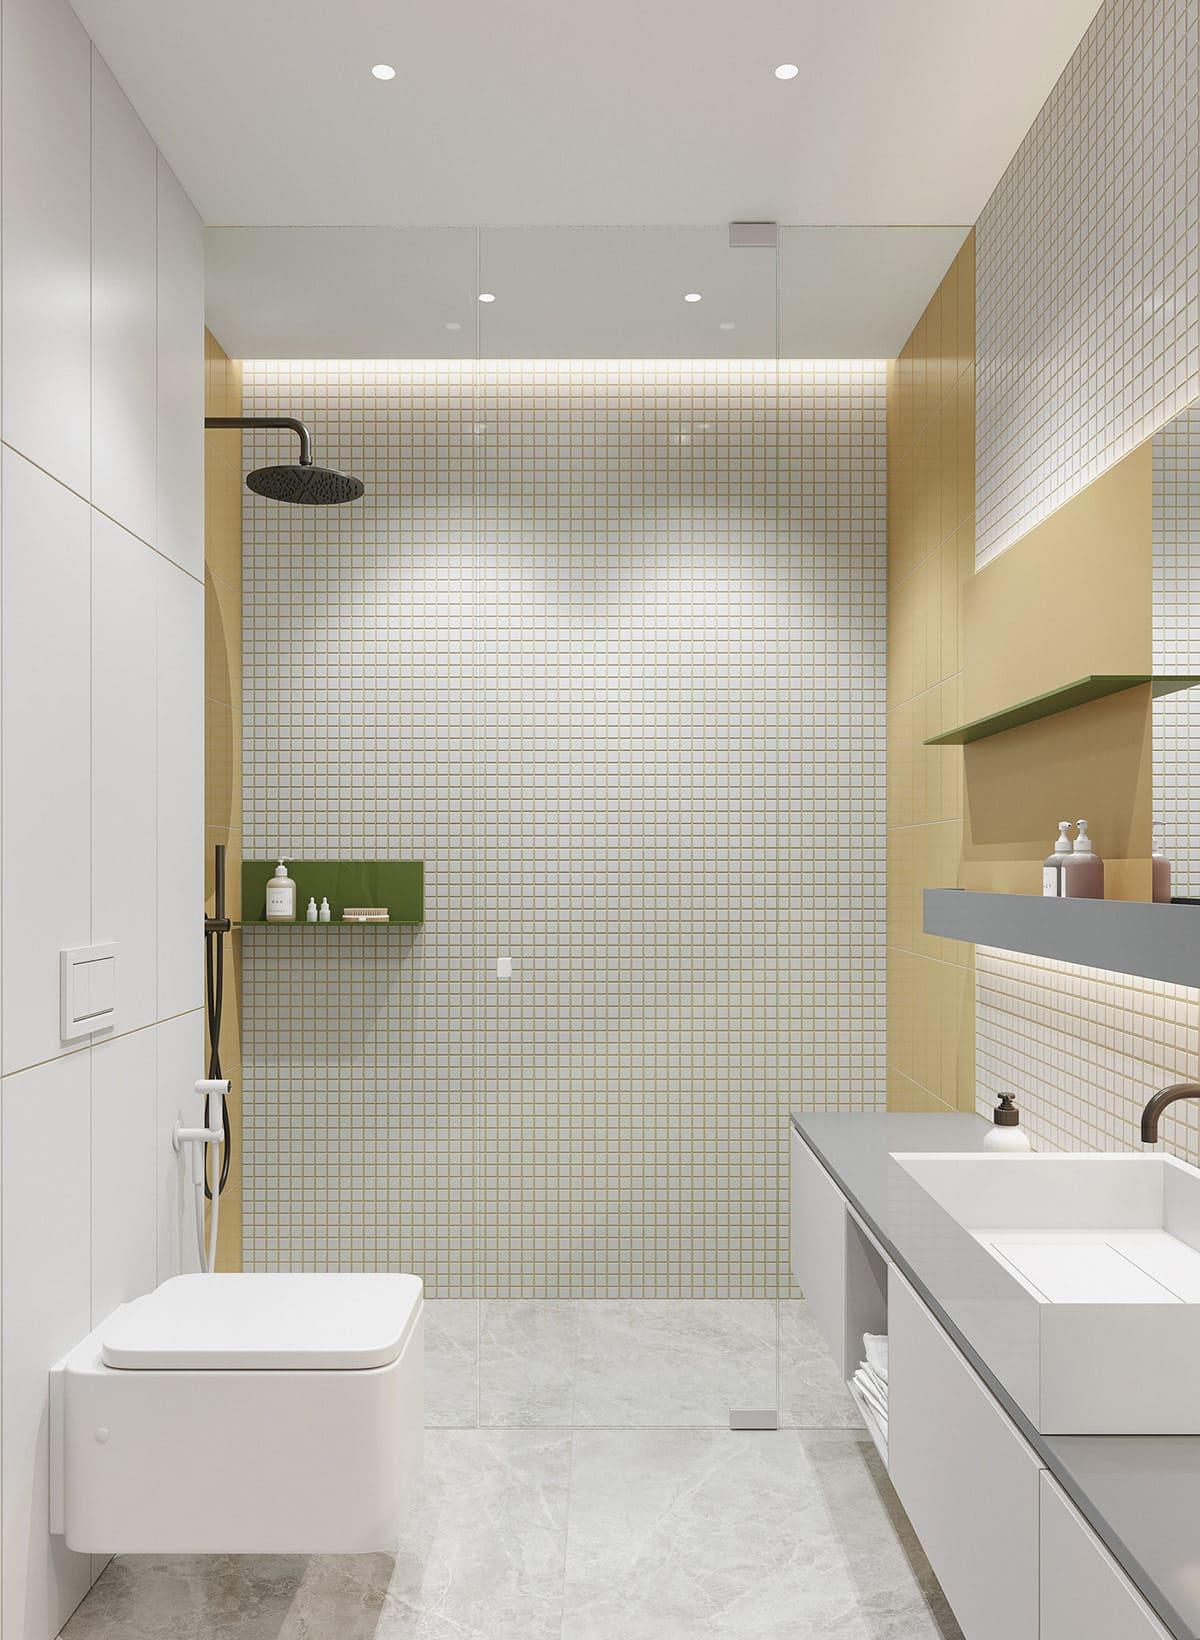 дизайн интерьера ванной комнаты фото 60